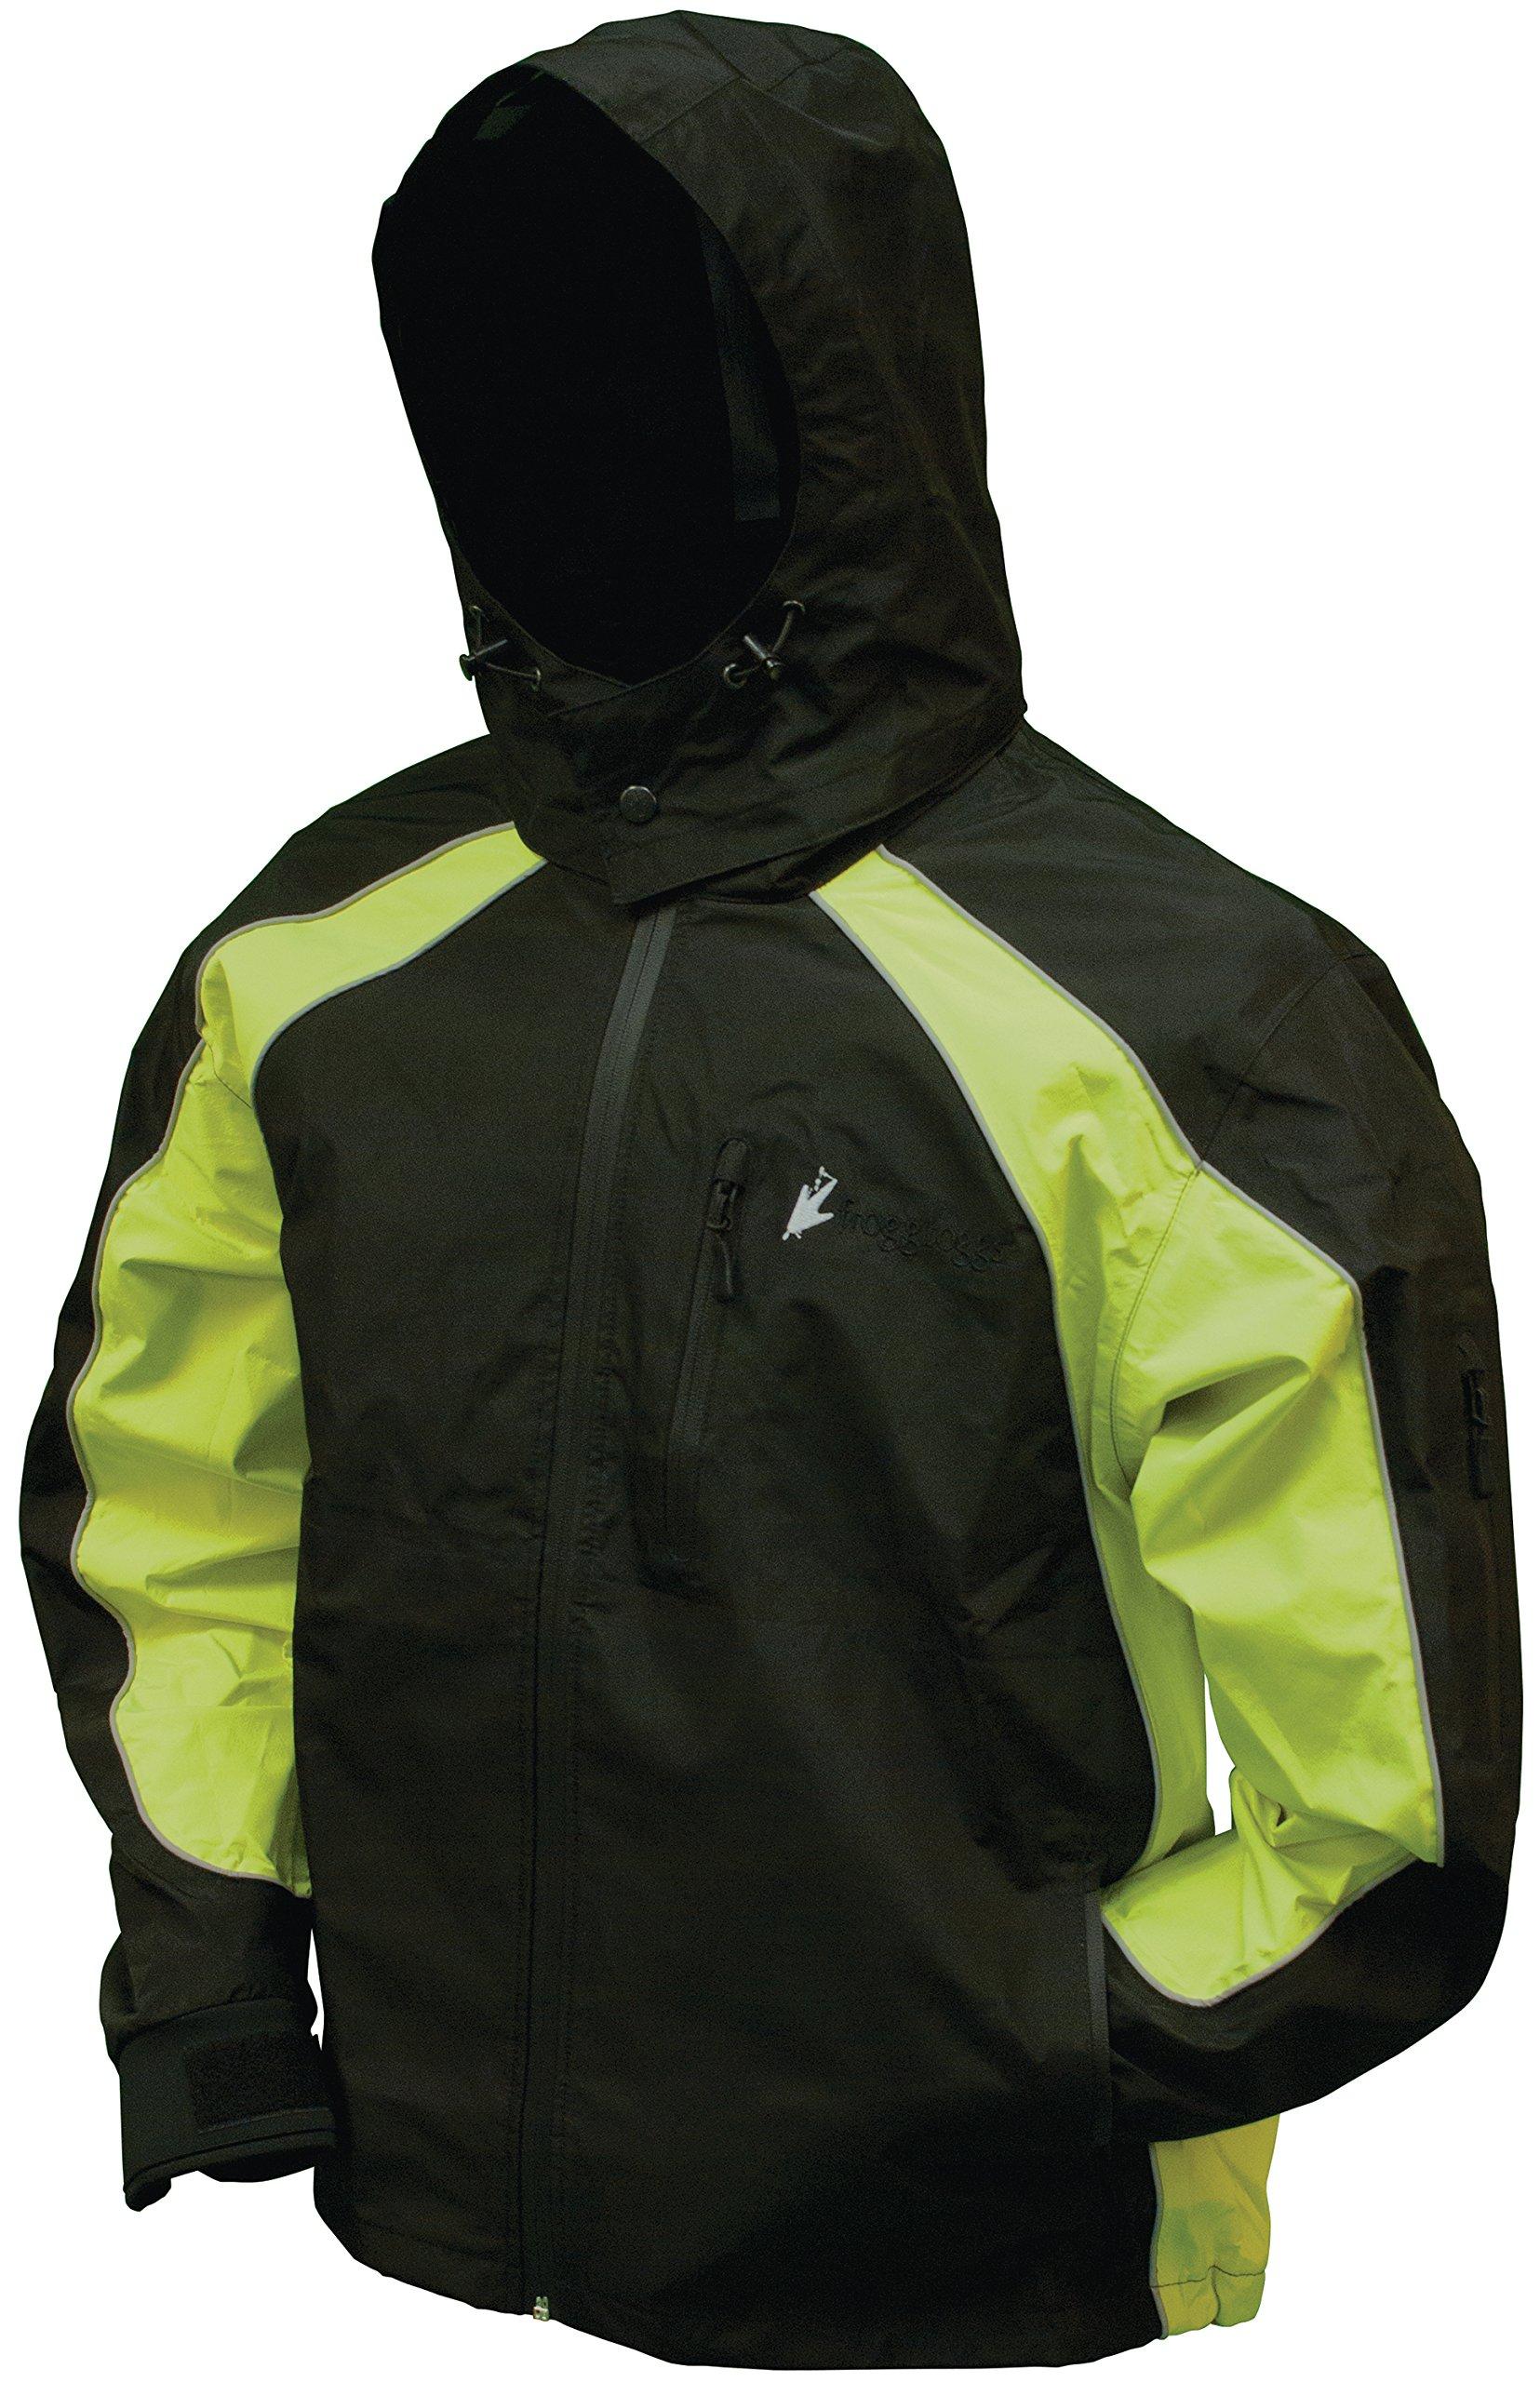 Frogg Toggs NT65119 Toadz Kikker II Reflective Waterproof Rain Jacket, Black with Hivis IIme, X-Large